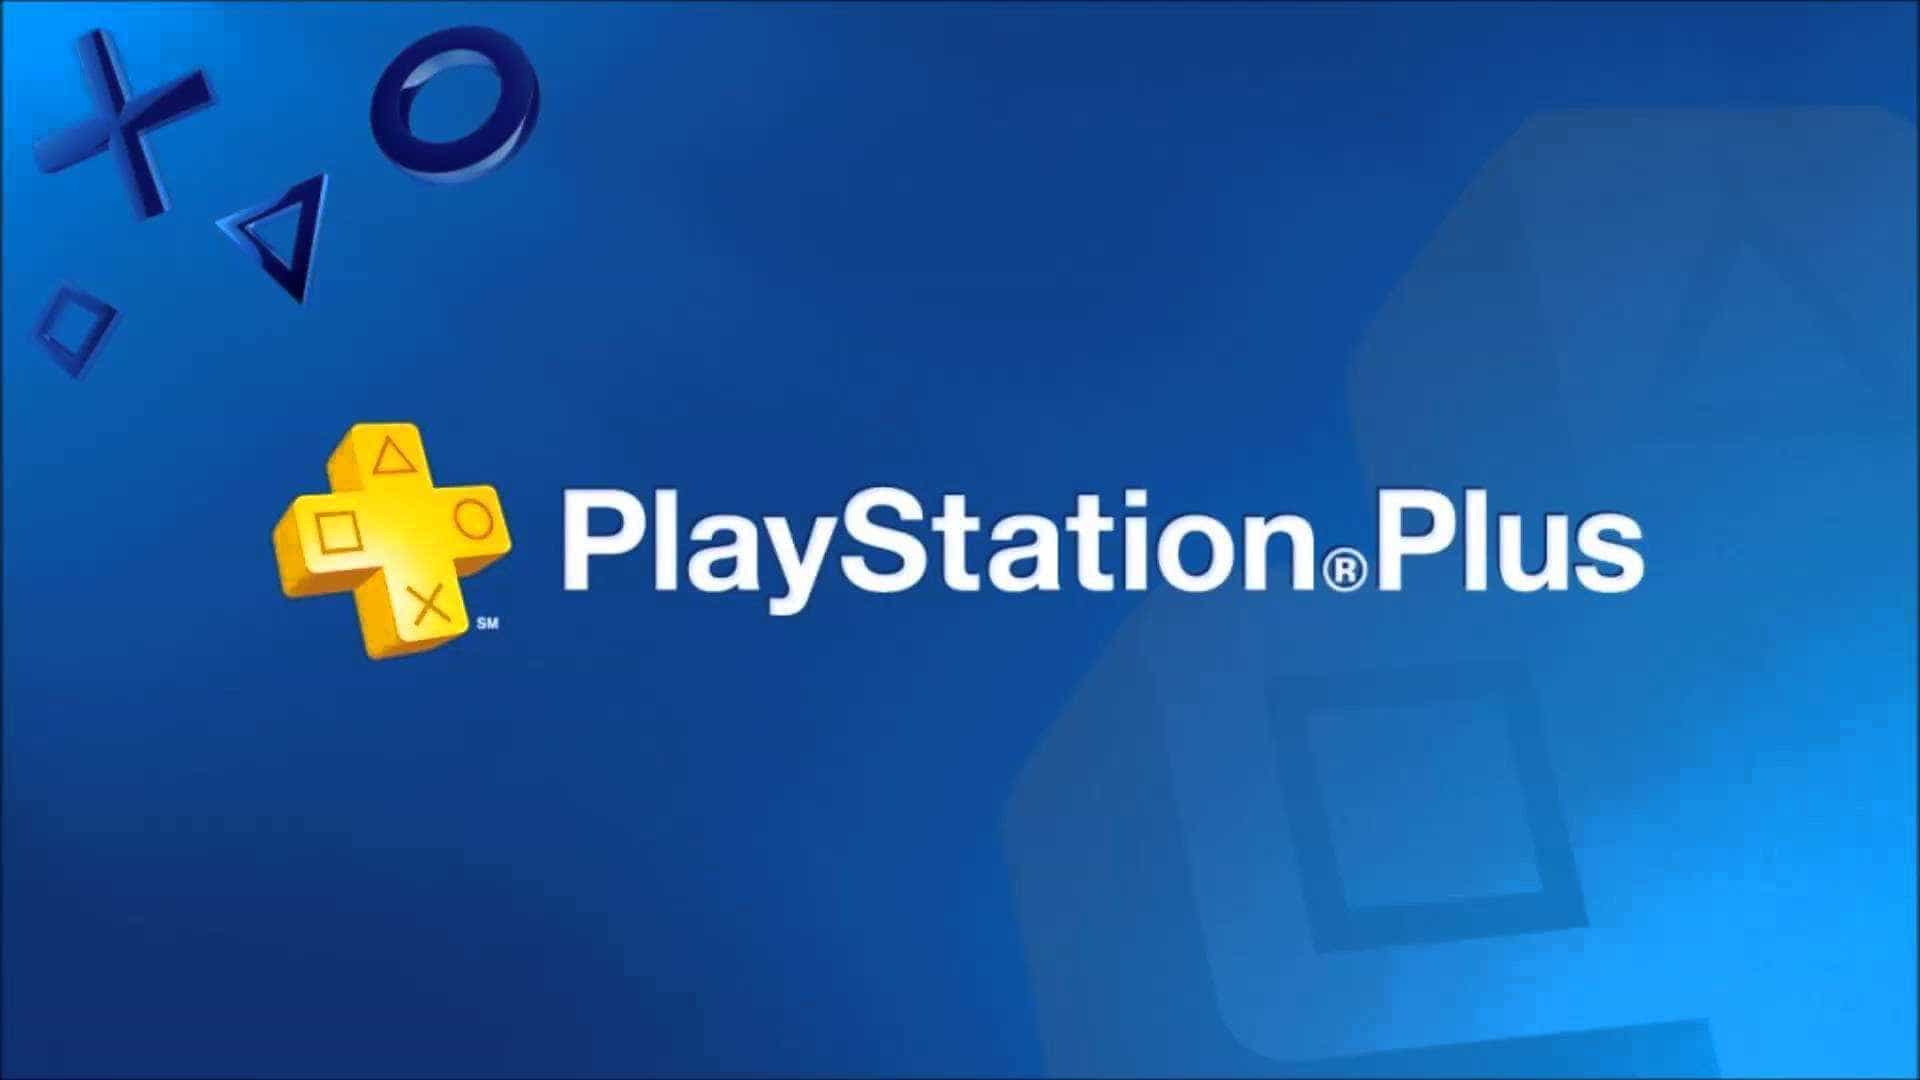 Preços do PS Plus sobem a partir de setembro